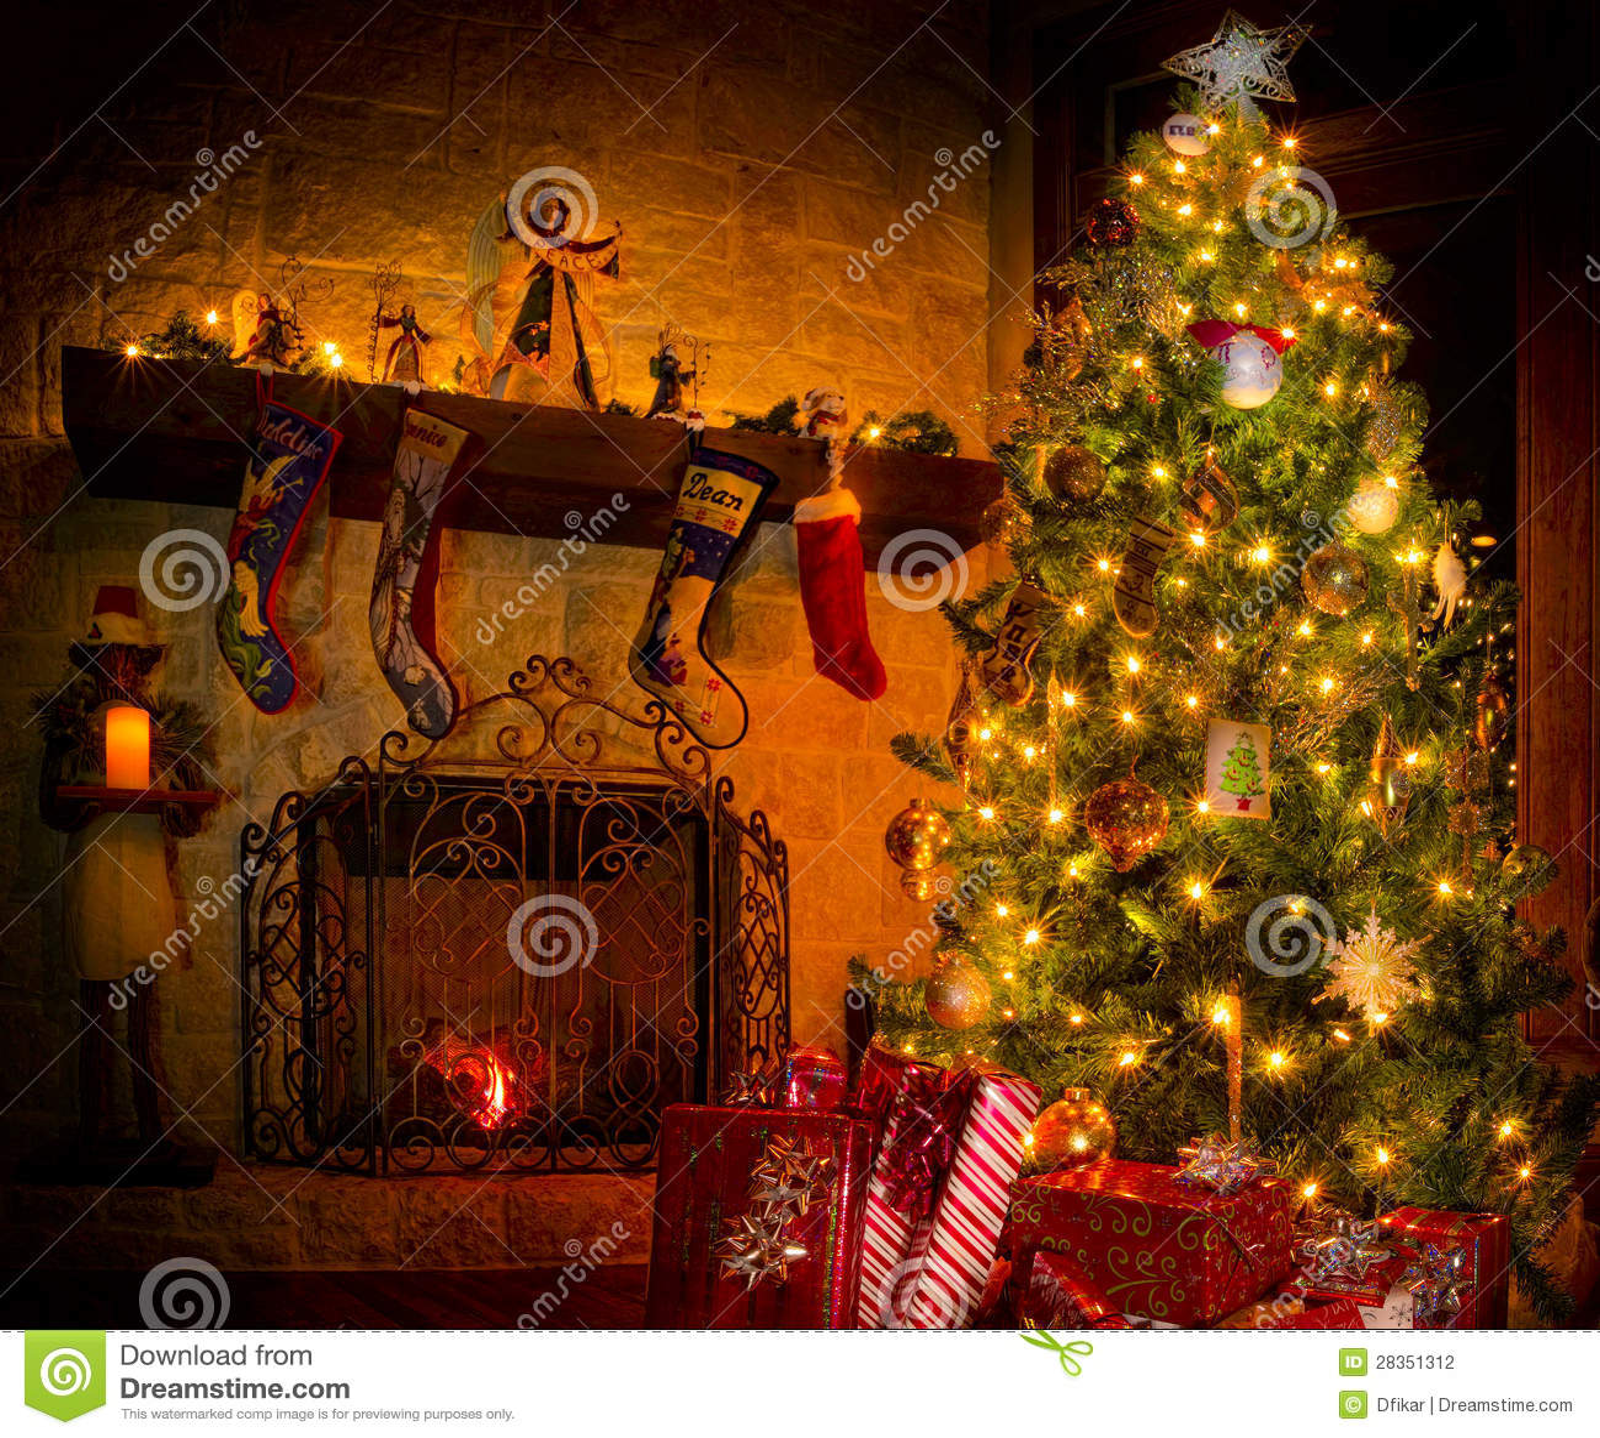 weihnachten im wohnzimmer stockfoto bild von str mpfe. Black Bedroom Furniture Sets. Home Design Ideas